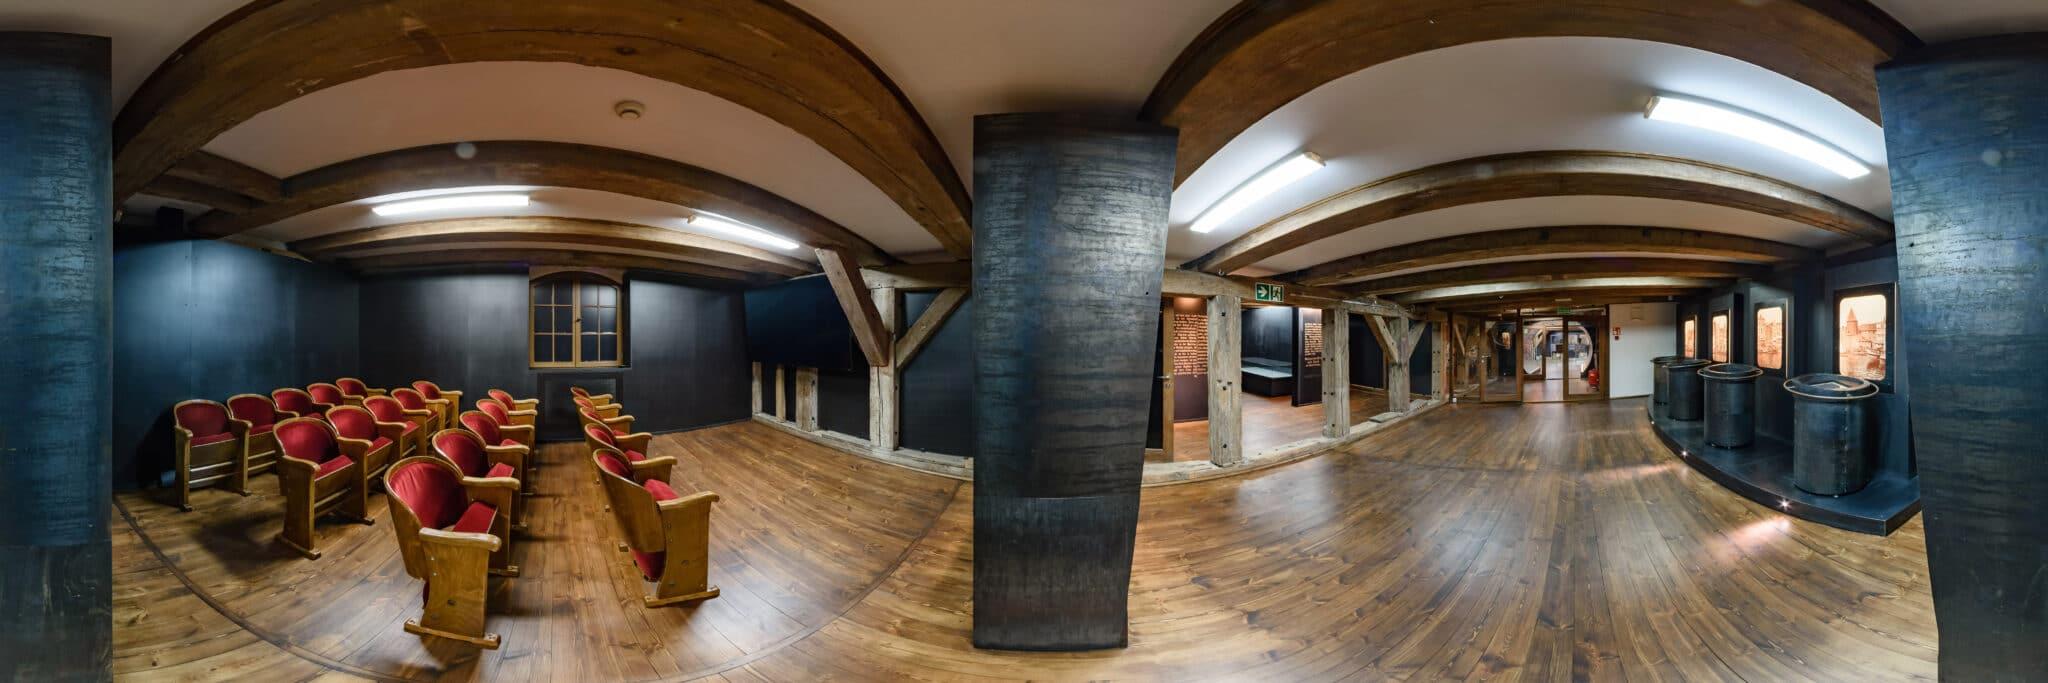 Kameralna sala kinowa i część wystawy muzealnej